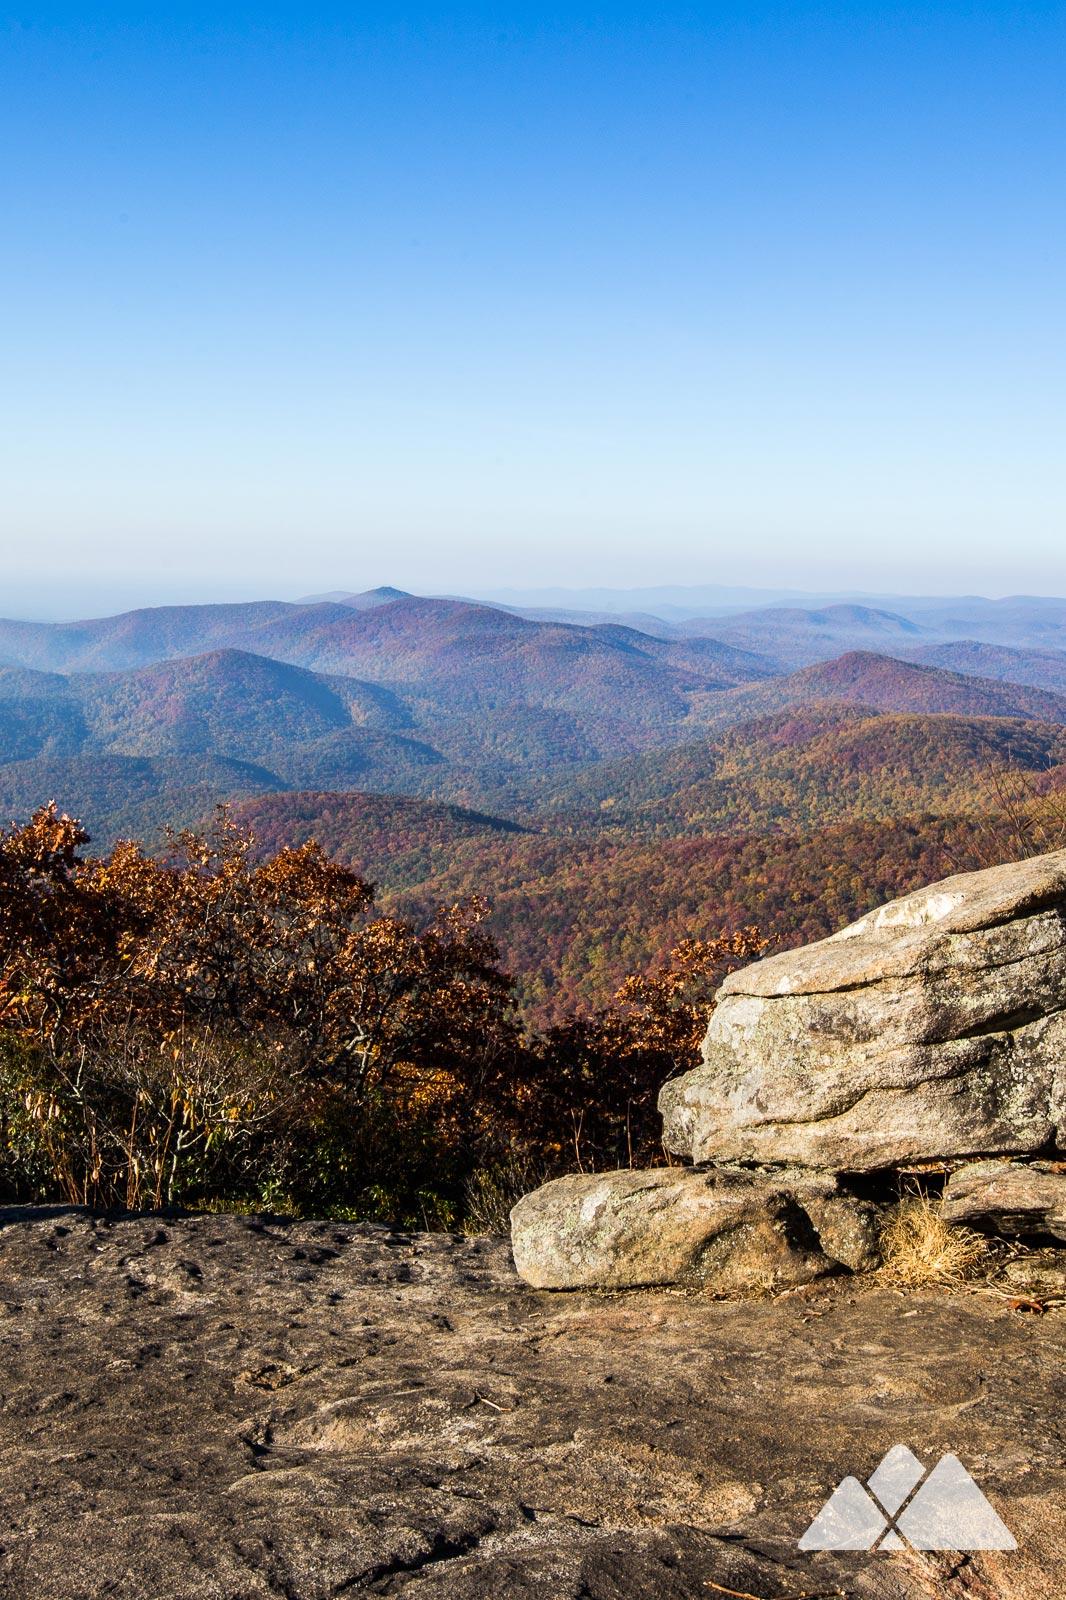 Parcourez la boucle de Blood Mountain sur le sentier des Appalaches et le sentier Freeman pour découvrir certaines des vues les plus époustouflantes de Géorgie